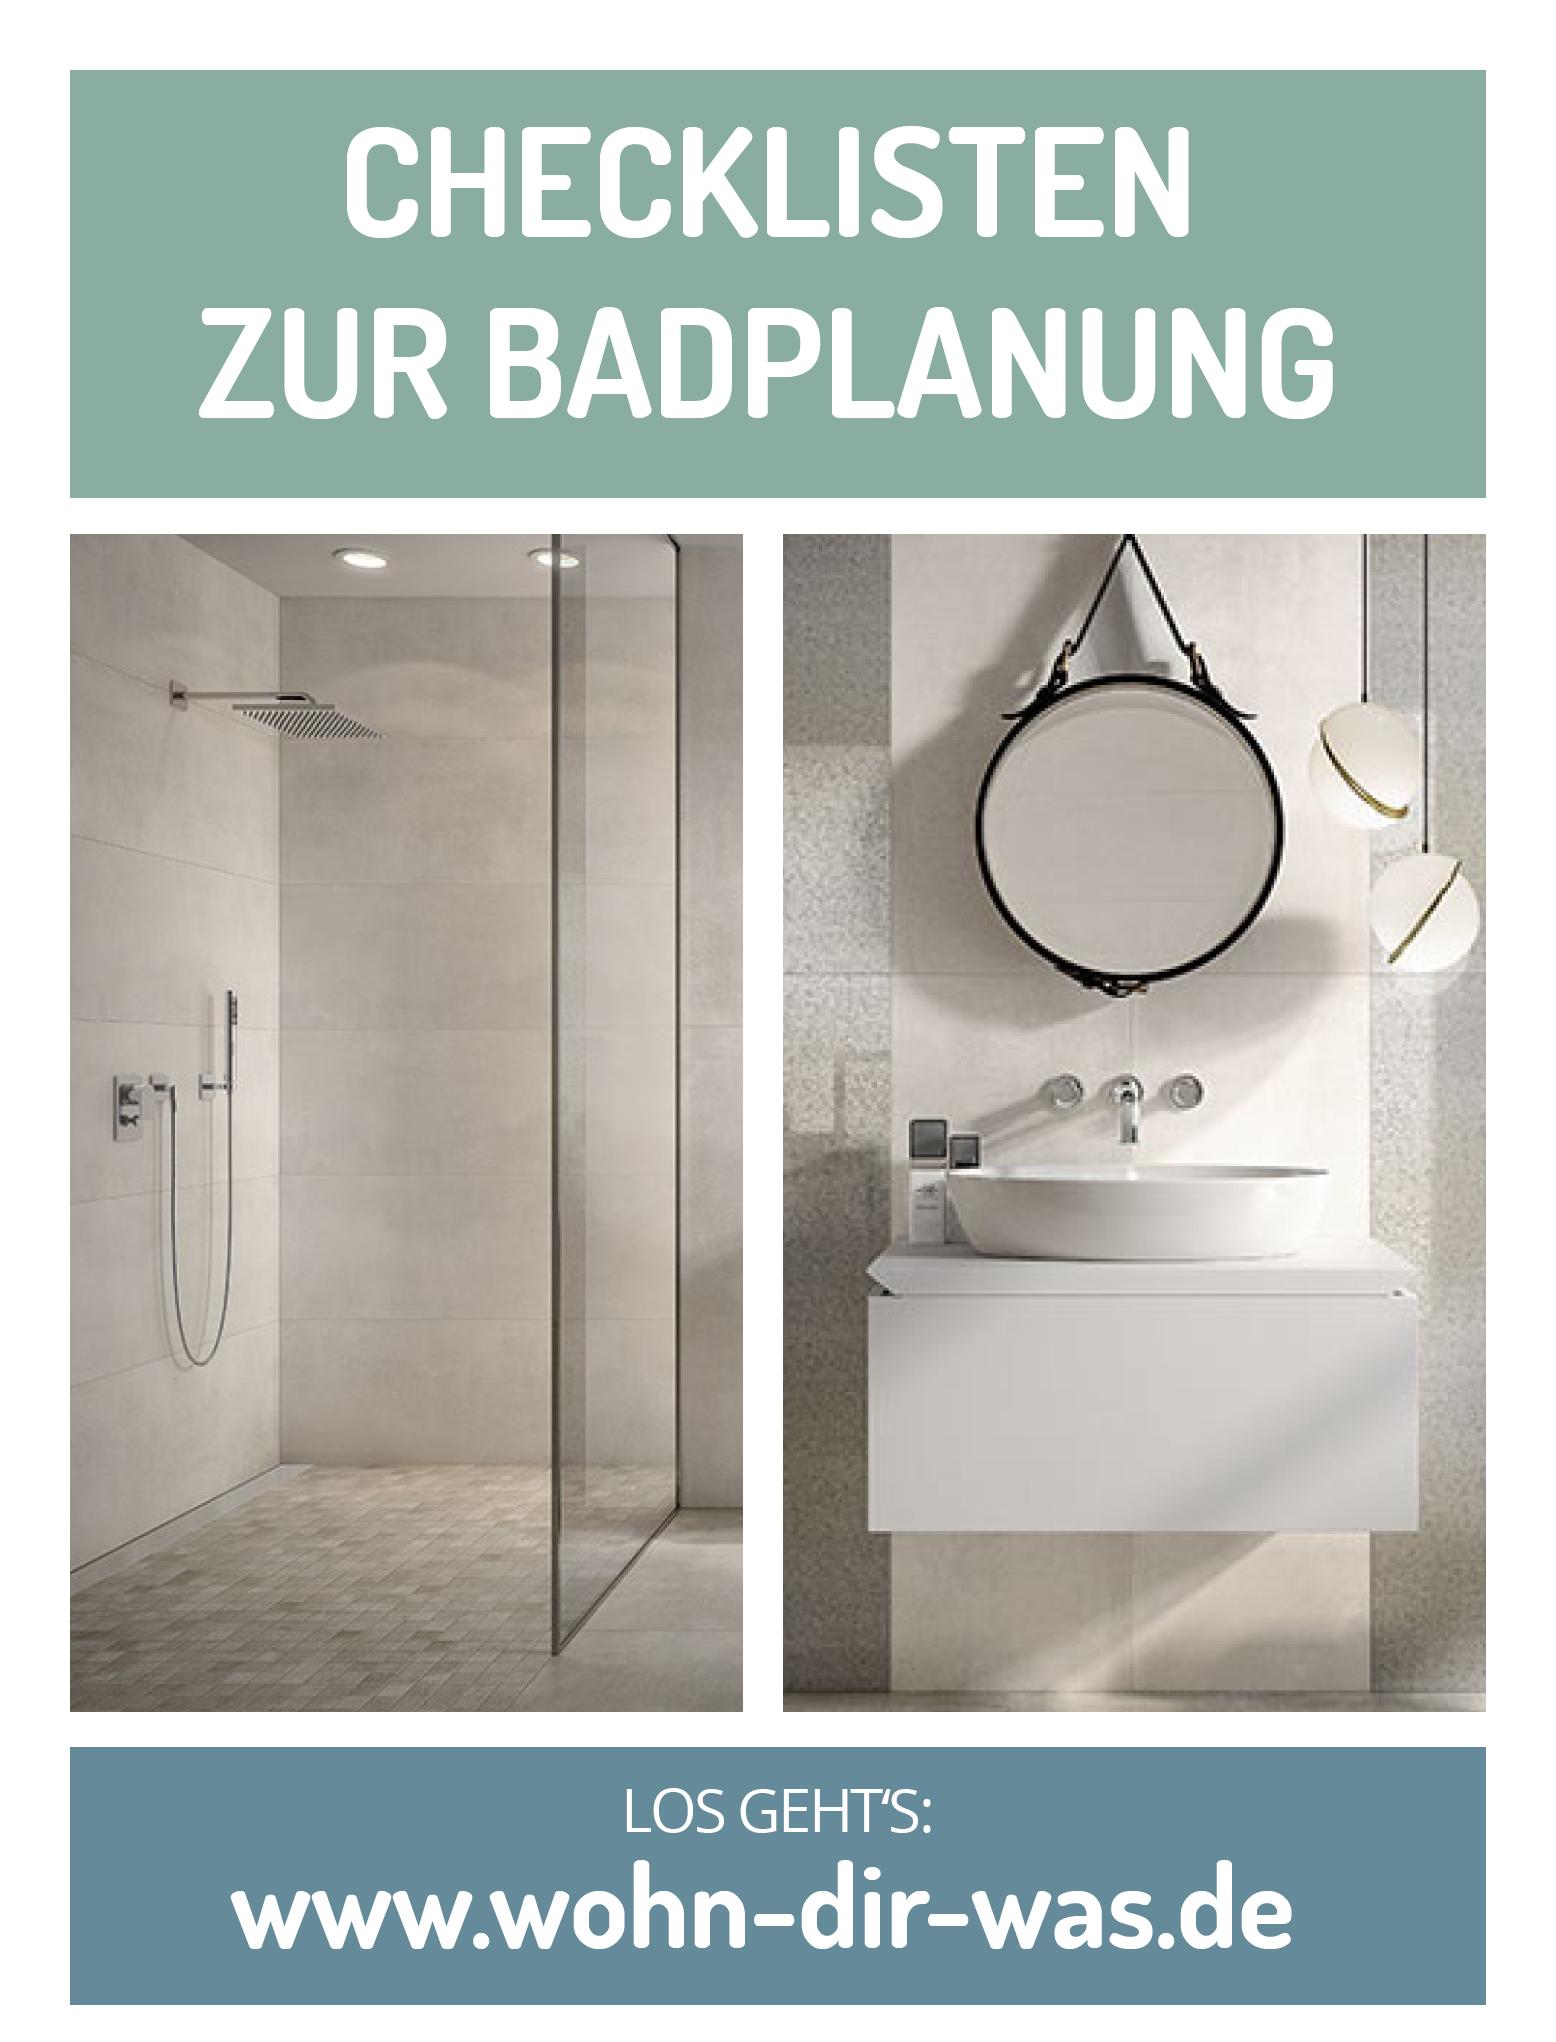 Badezimmer Richtig Planen Mit Unterstutzung Von Wohn Dir Was Runde Badezimmerspiegel Badezimmer Schone Badezimmer